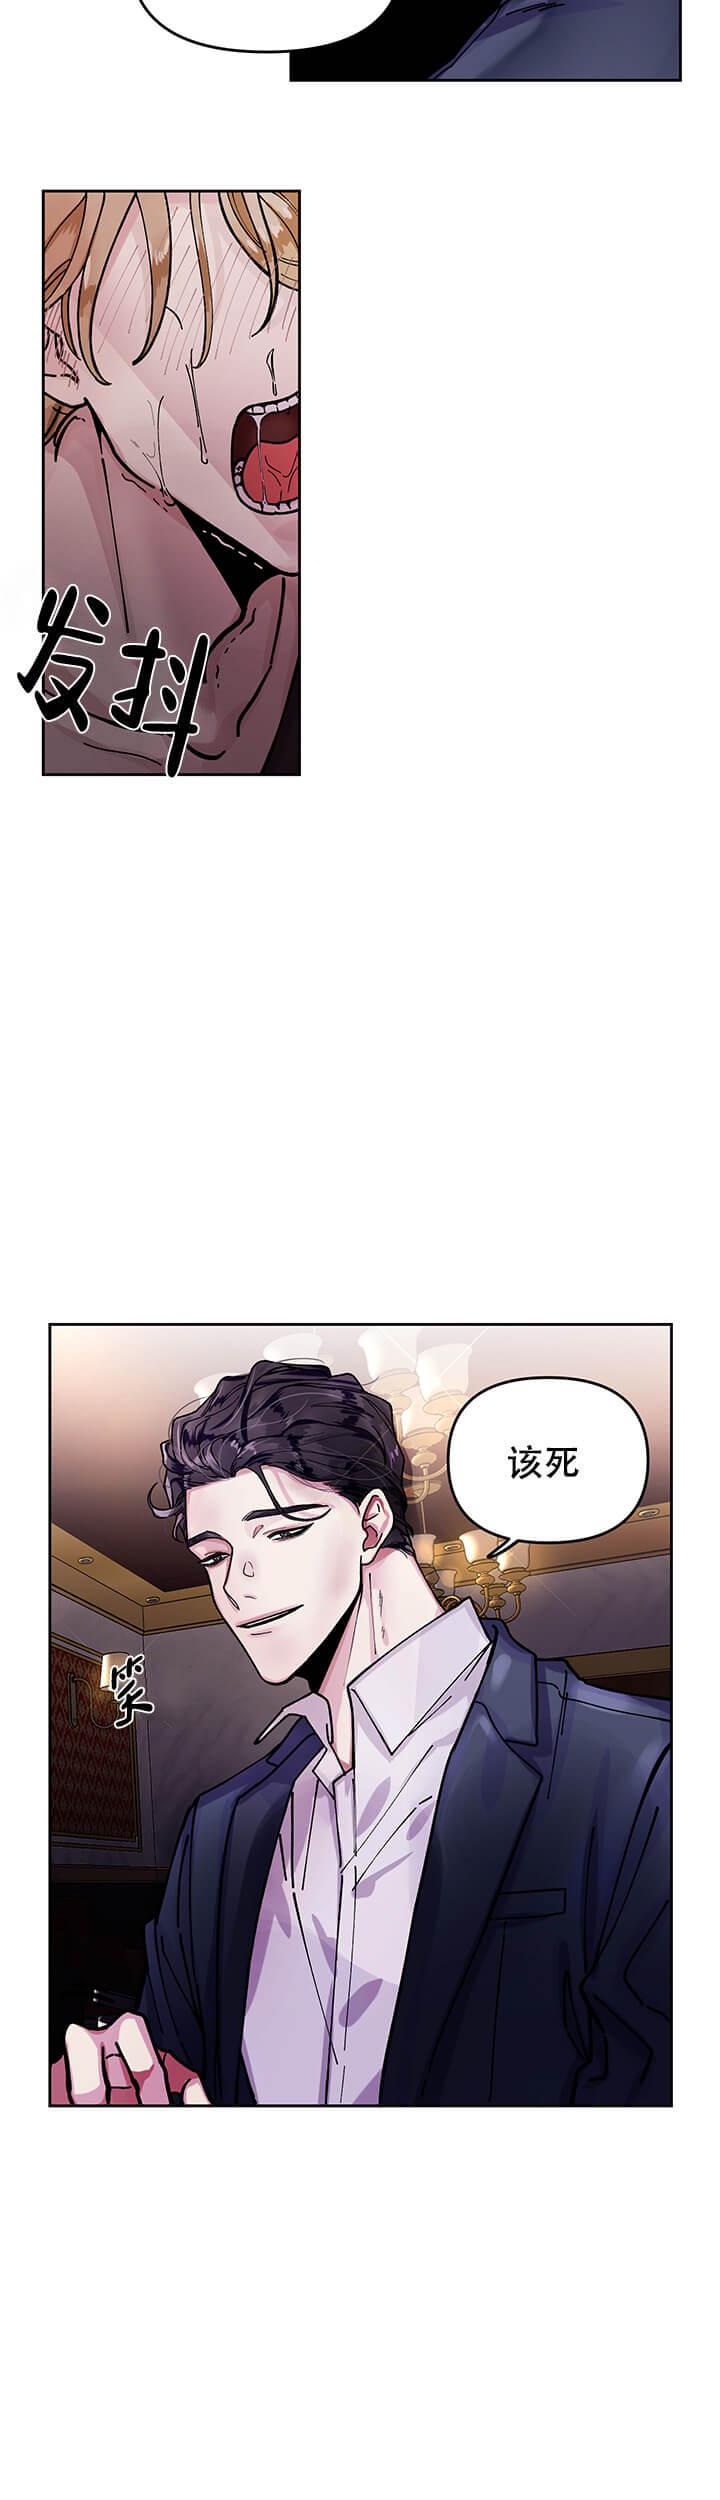 韩漫  《单恋》对一切都失去兴趣,唯独只对攻兴奋  第9张